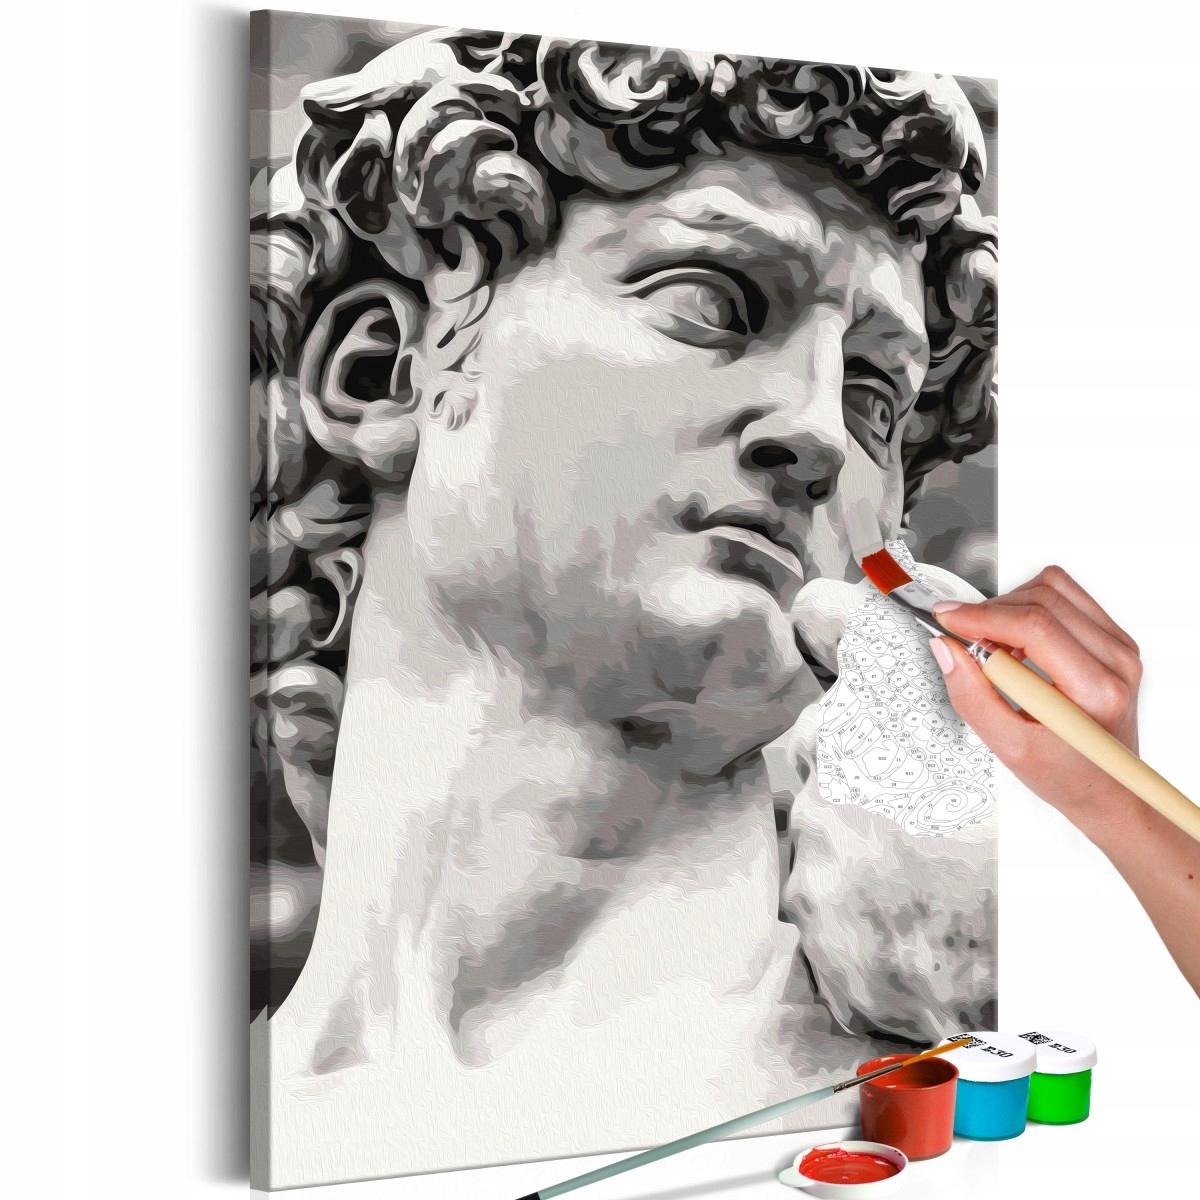 Obraz do samodzielnego malowania - Rzeźba